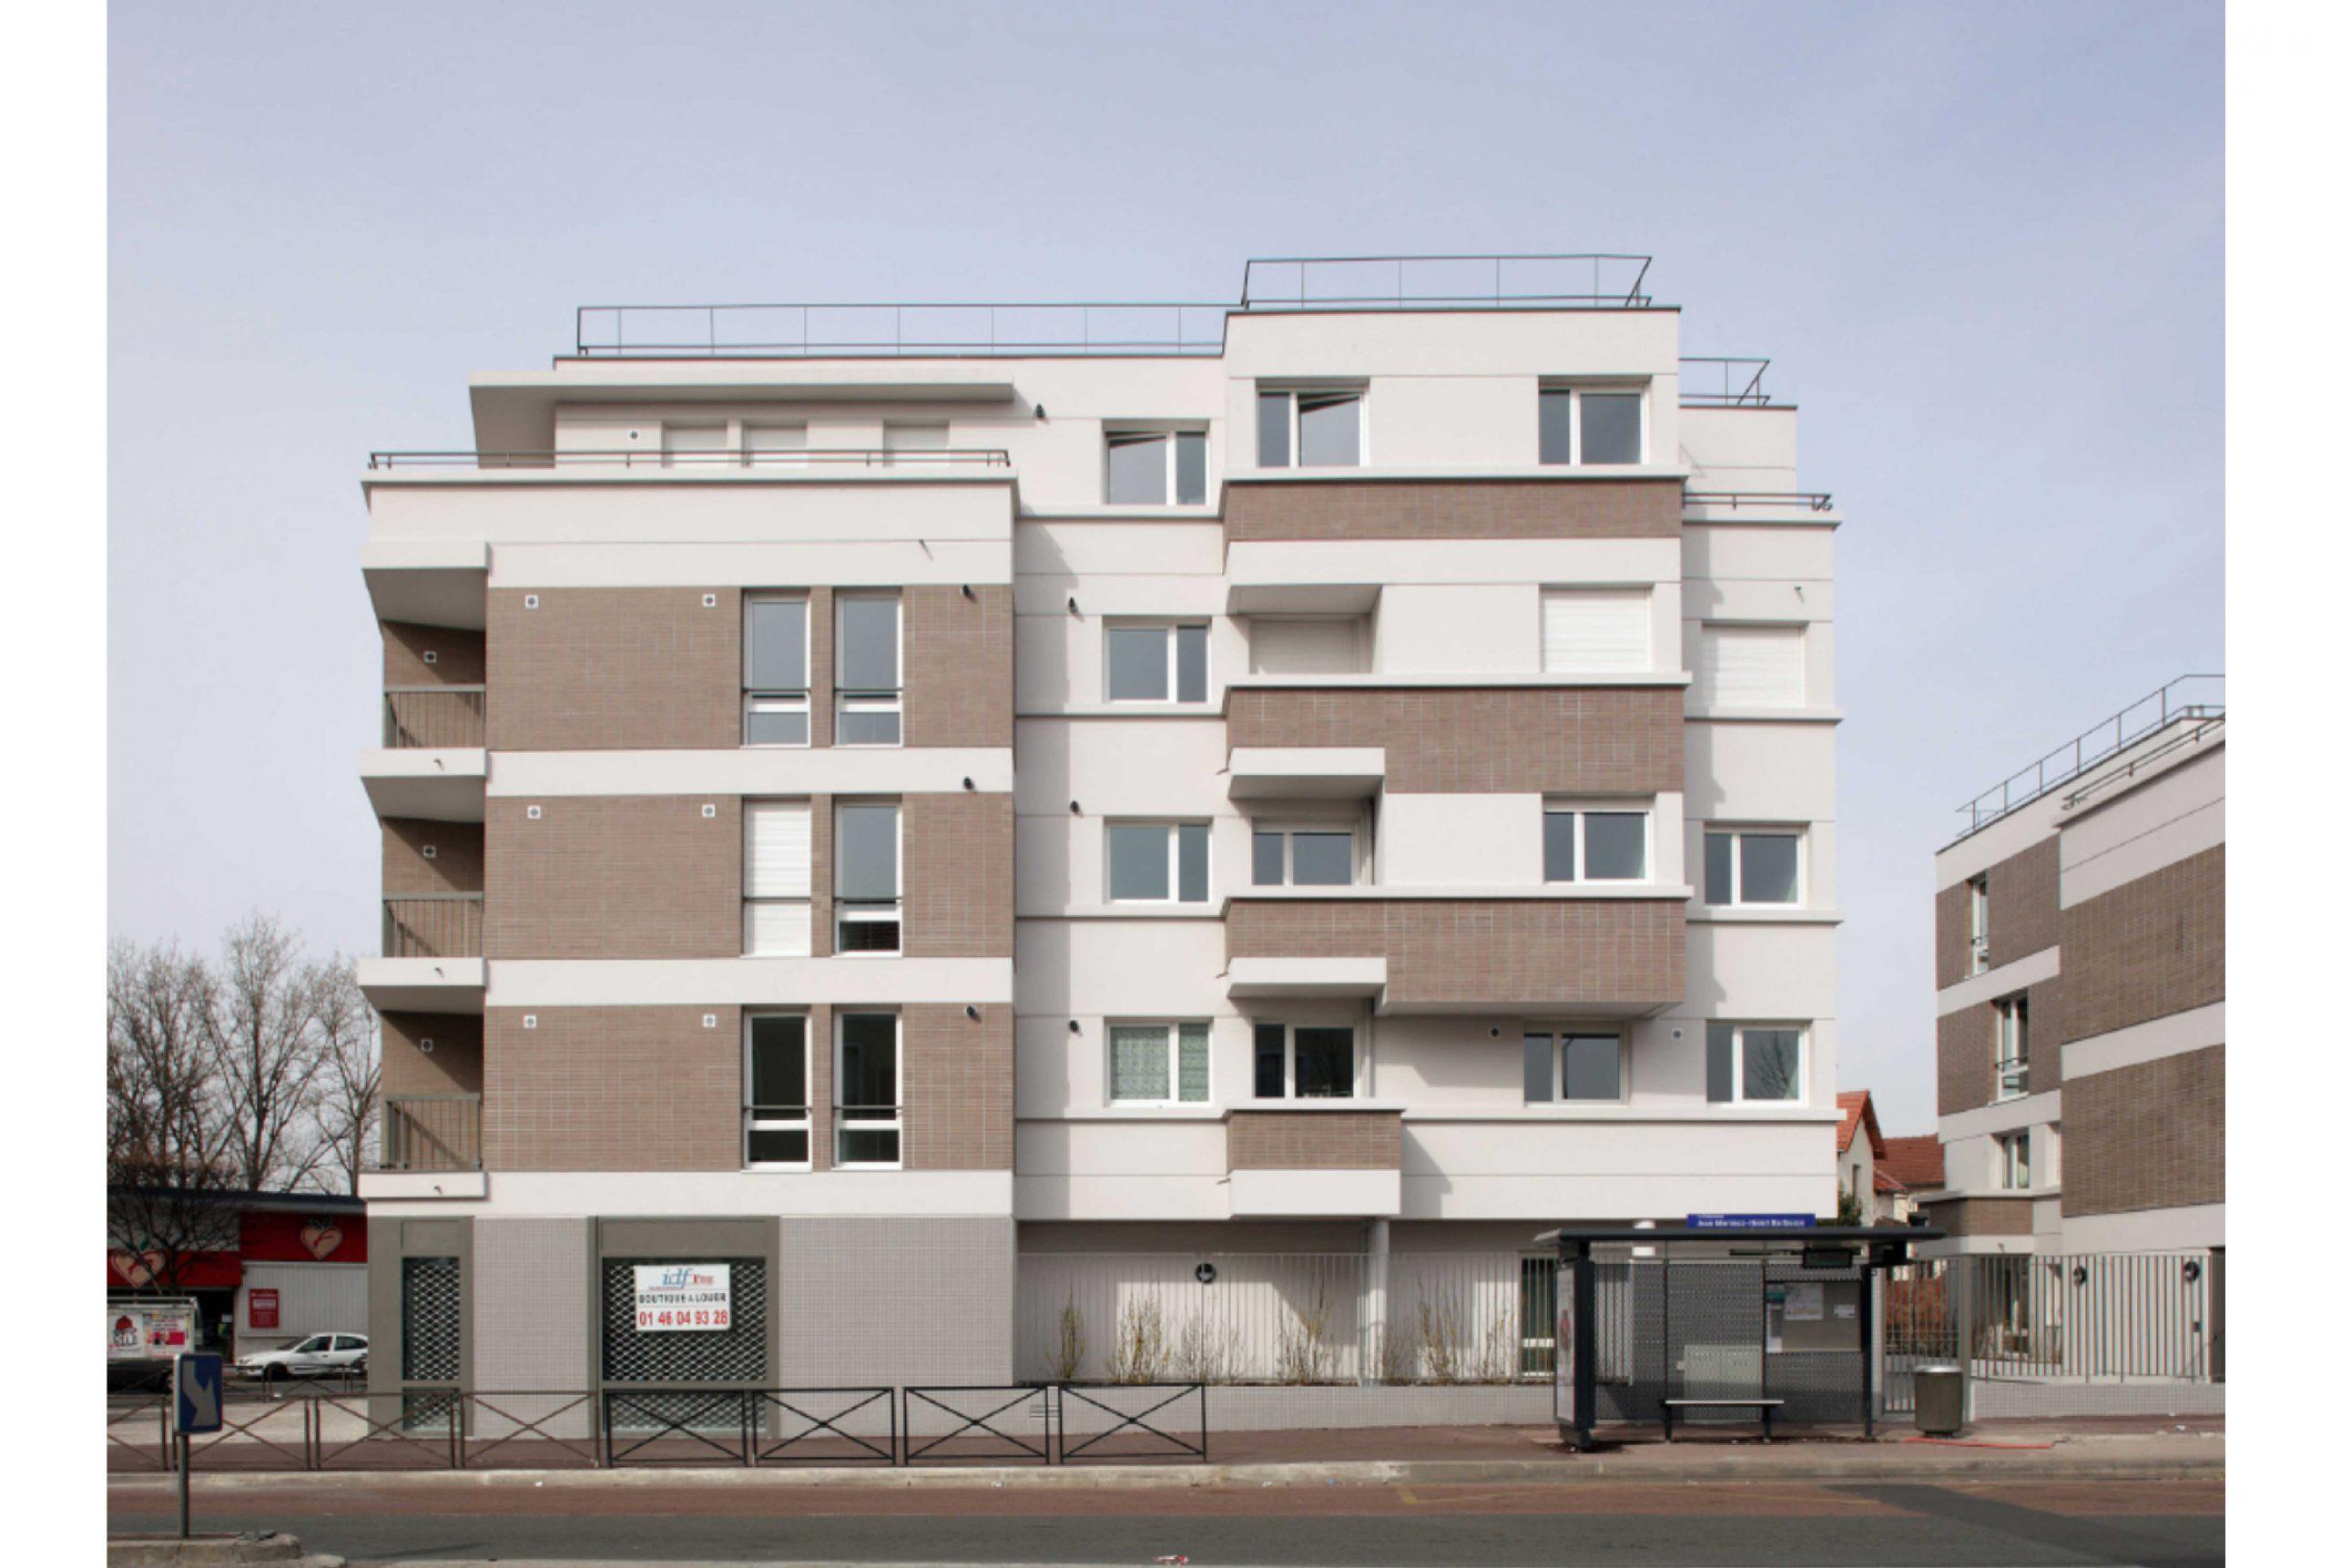 Projet logement La Courneuve 3 par Atelier JS Tabet